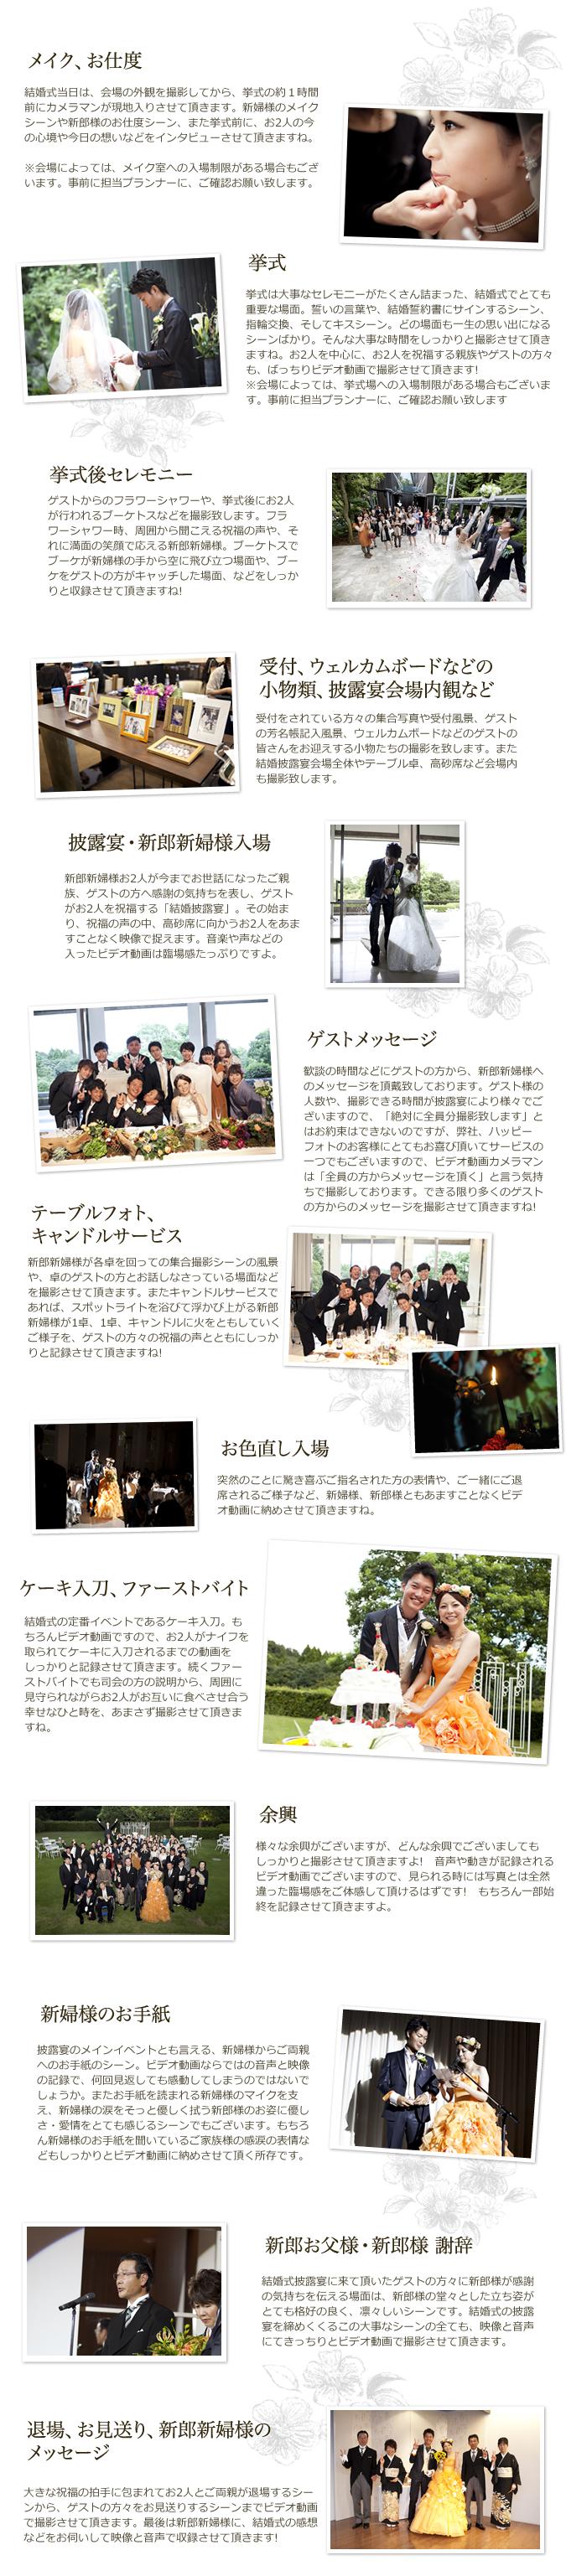 結婚式(挙式・披露宴)のビデオ動画撮影の流れ イメージ